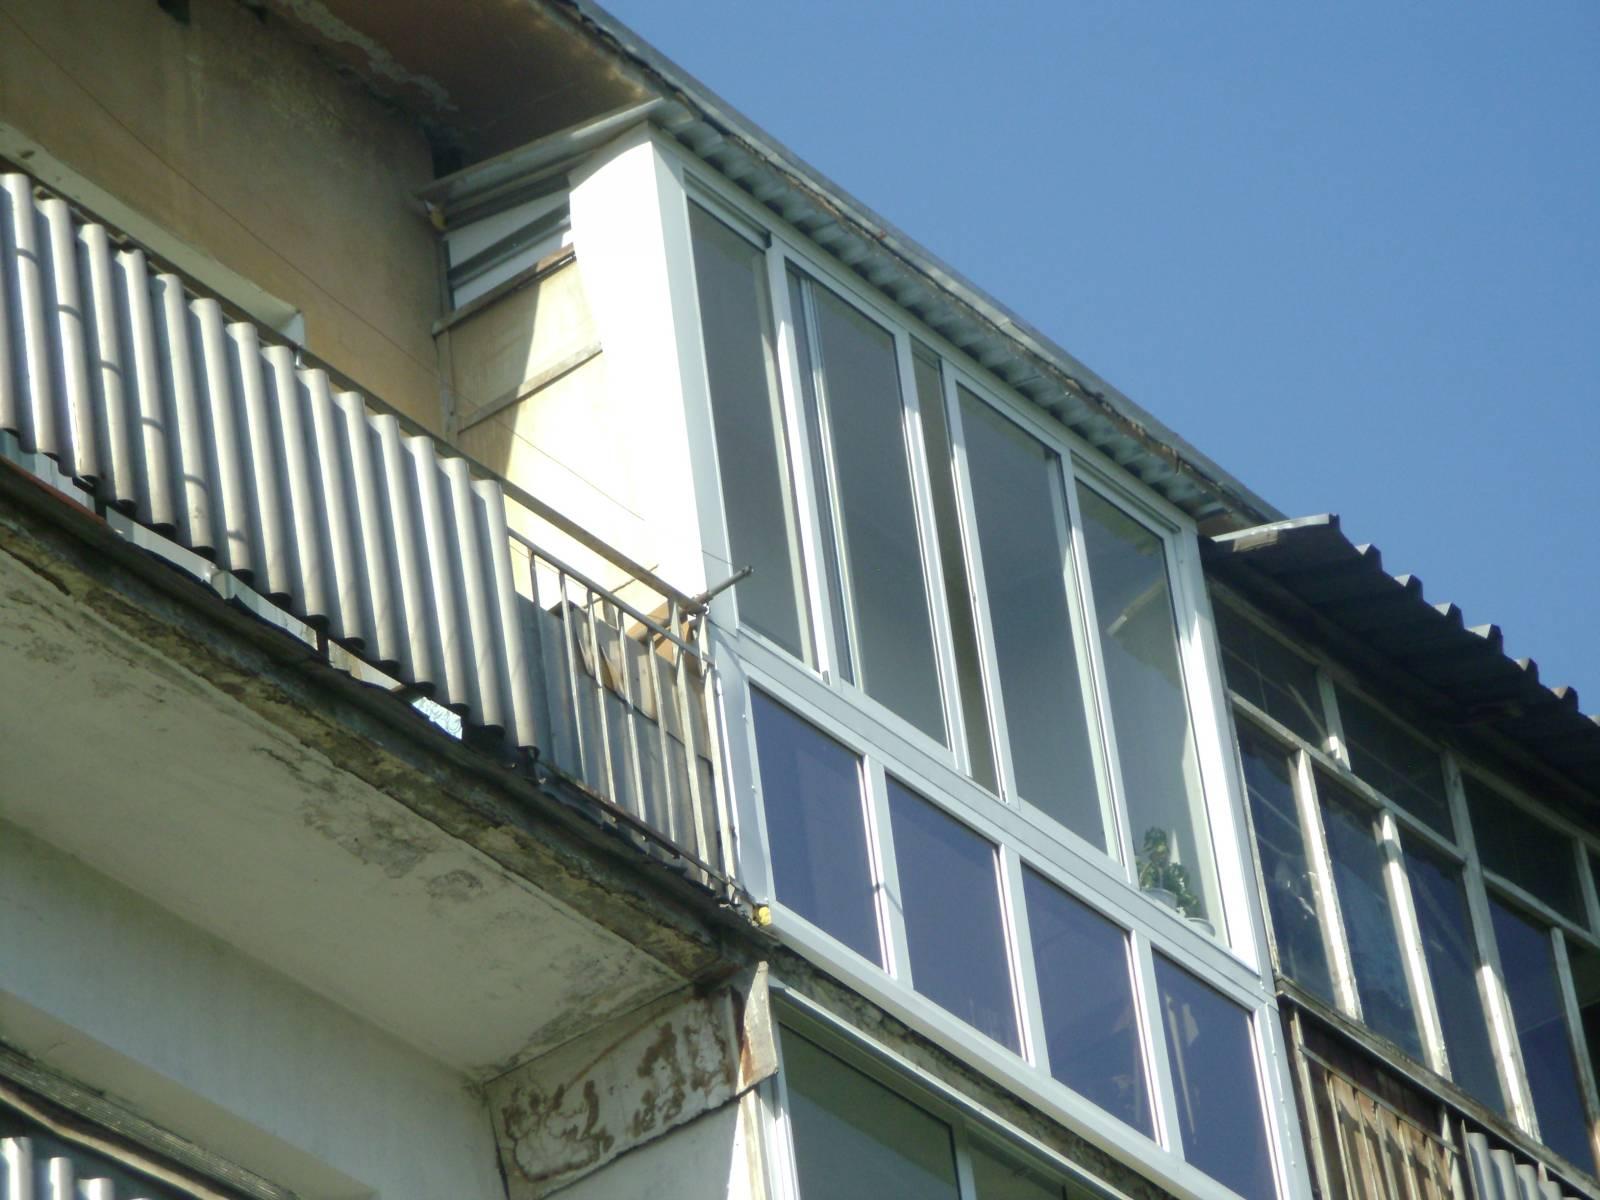 Остекление балкона, парапет стеклянный.